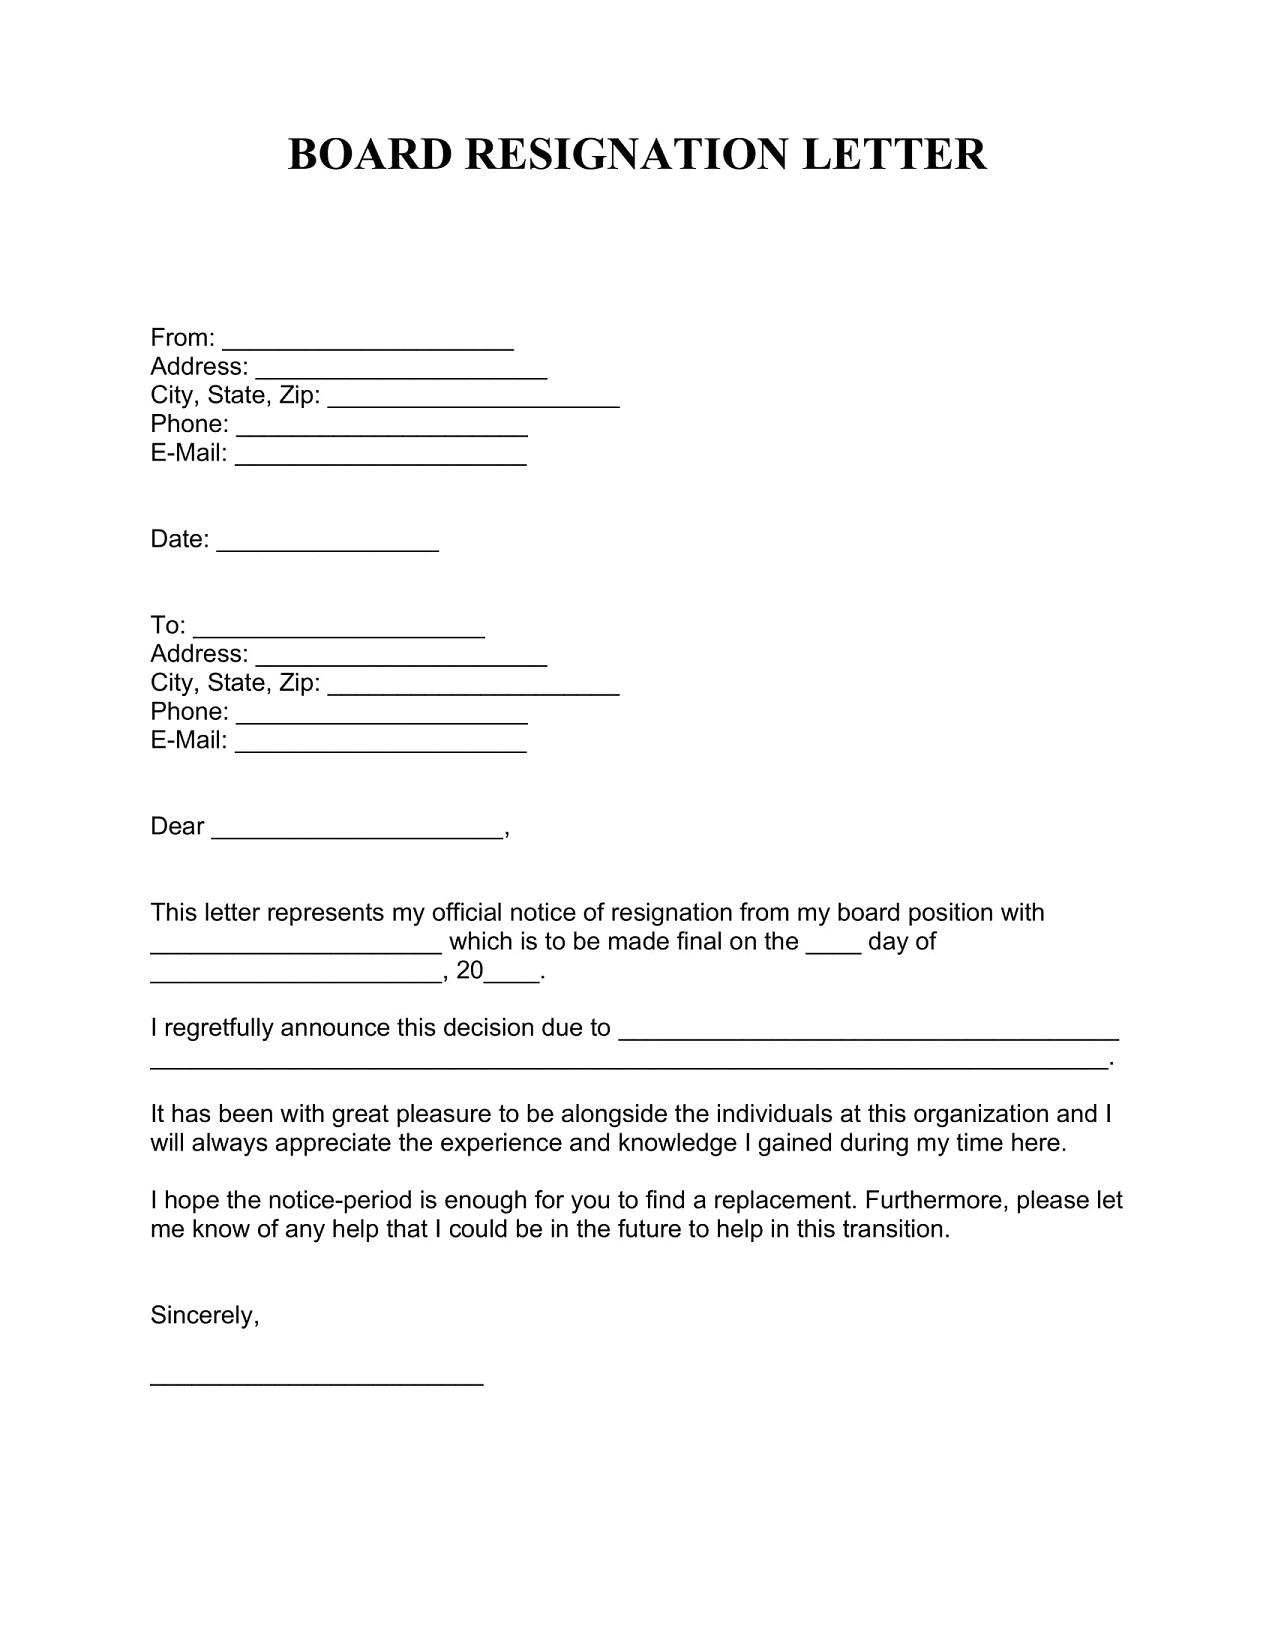 Board Resignation Letter Template PDF